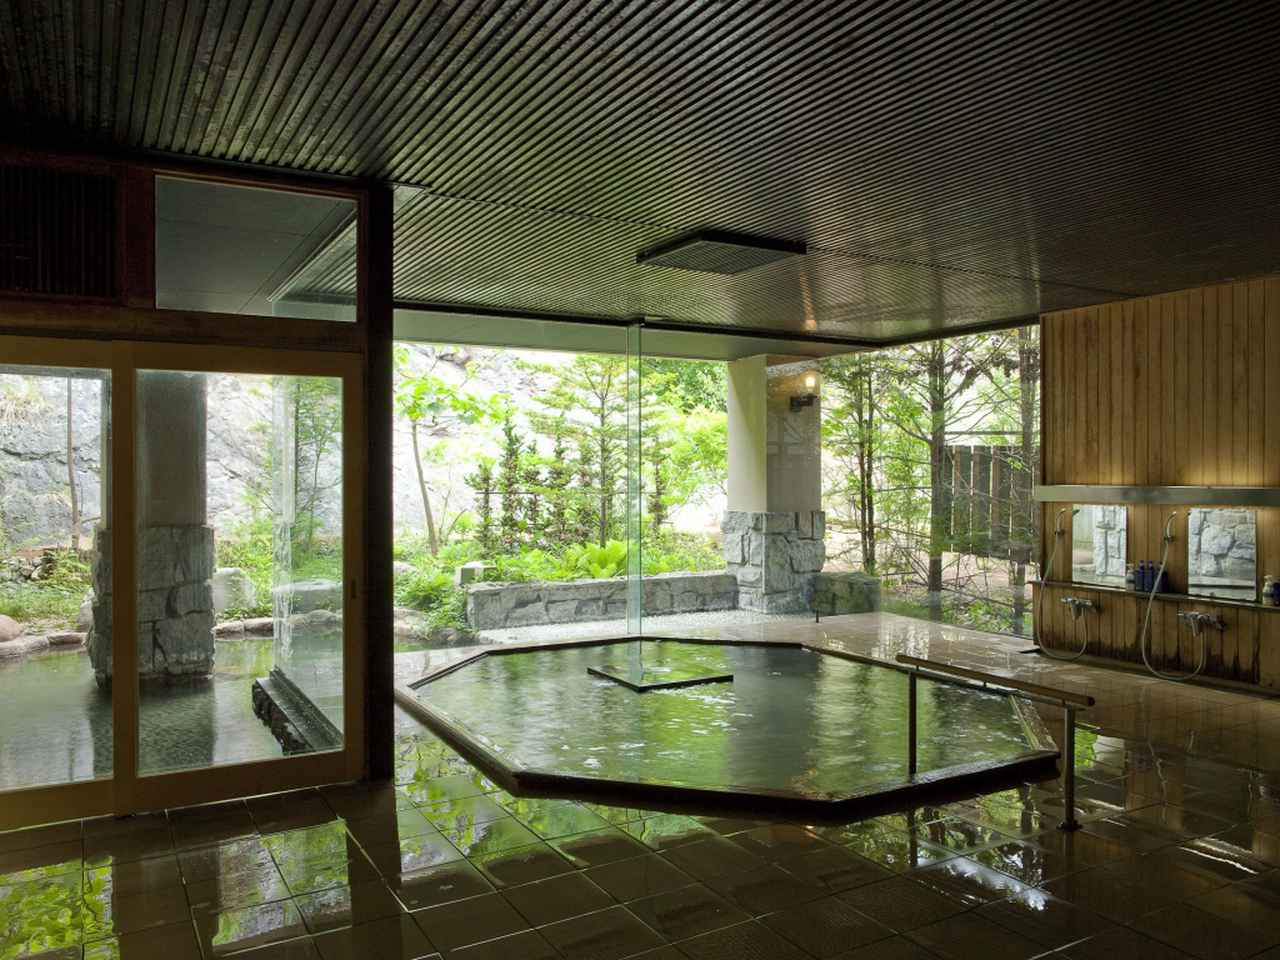 画像3: 立った姿勢で腰上まで浸かることができる立ち湯『雪月花』。アルカリ単純泉で肌がつるつるになる美肌の湯として評判が高い。寝ながら温泉に浸かれる寝湯や露天風呂付大浴場『白龍』